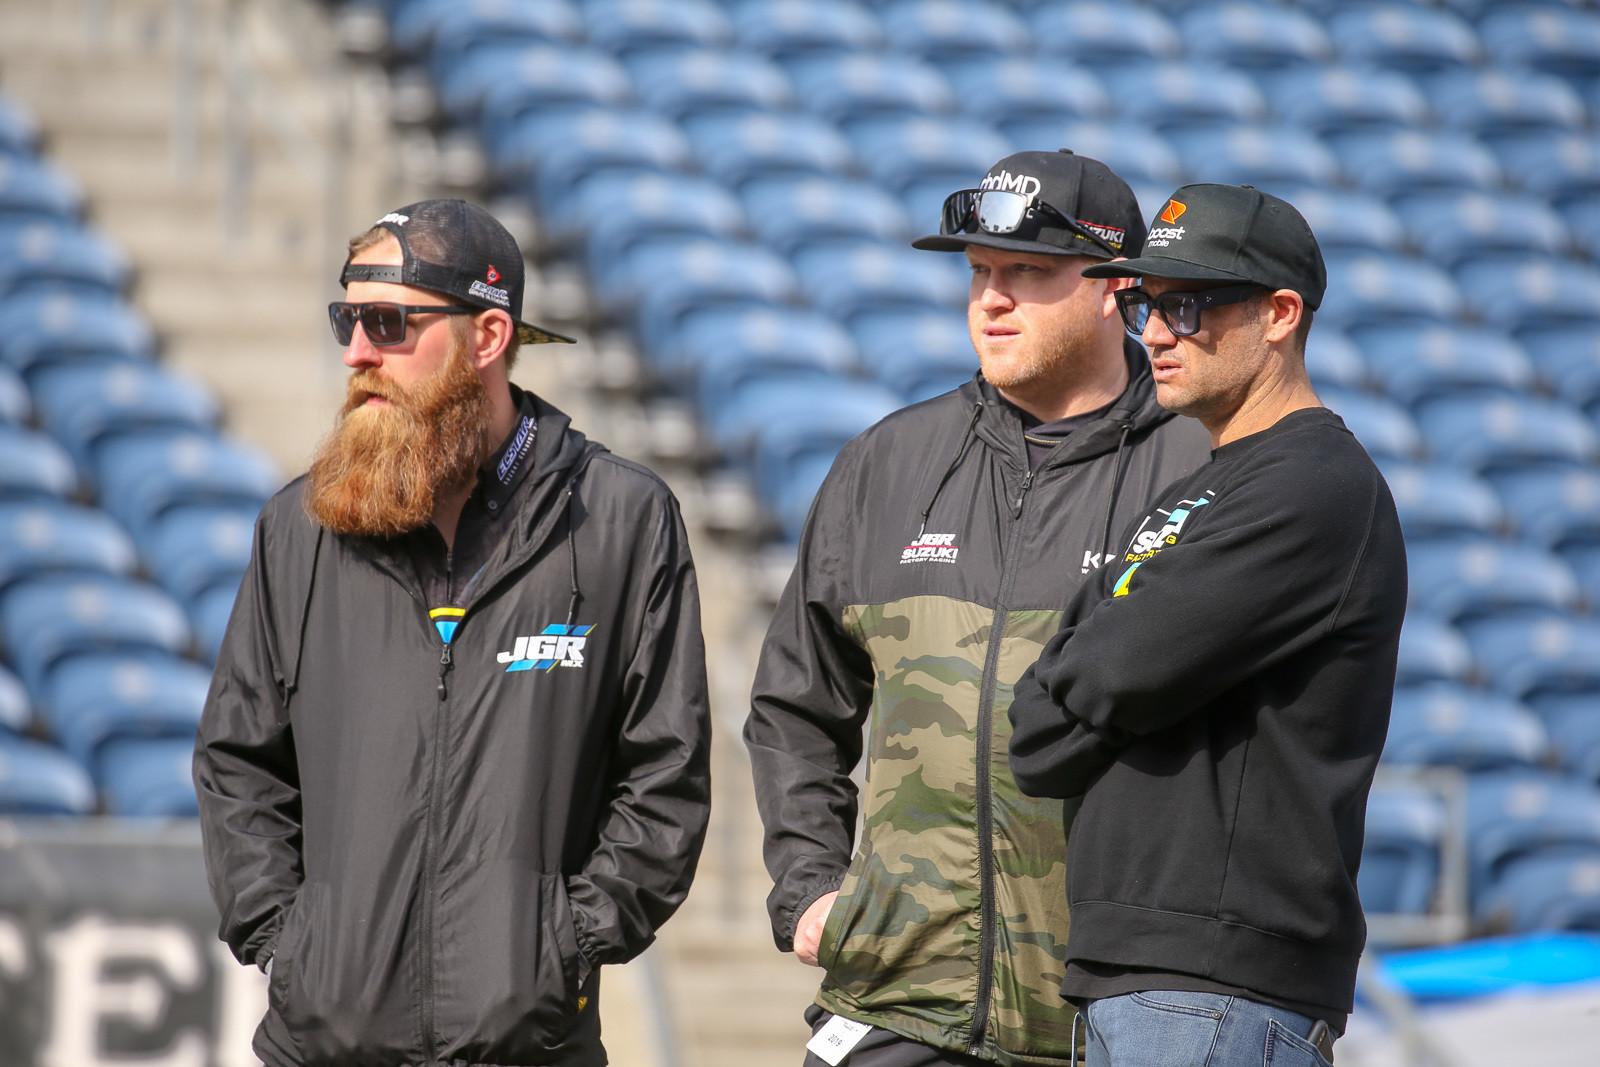 Ben Schiermeyer, Dan Truman, and Chad Reed.